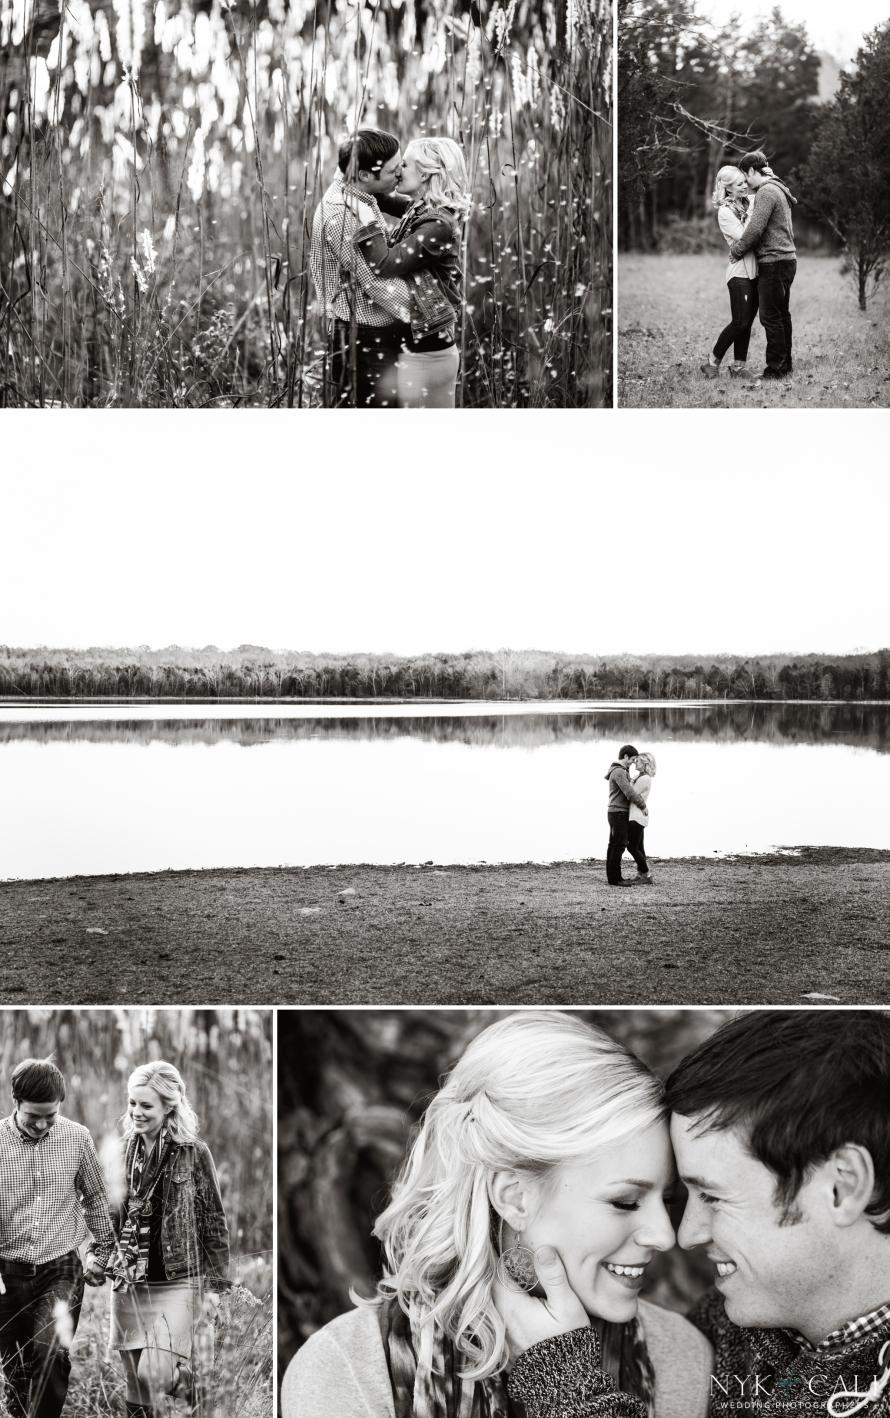 creative-nashville-engagement-photography-Nyk-Cali-6